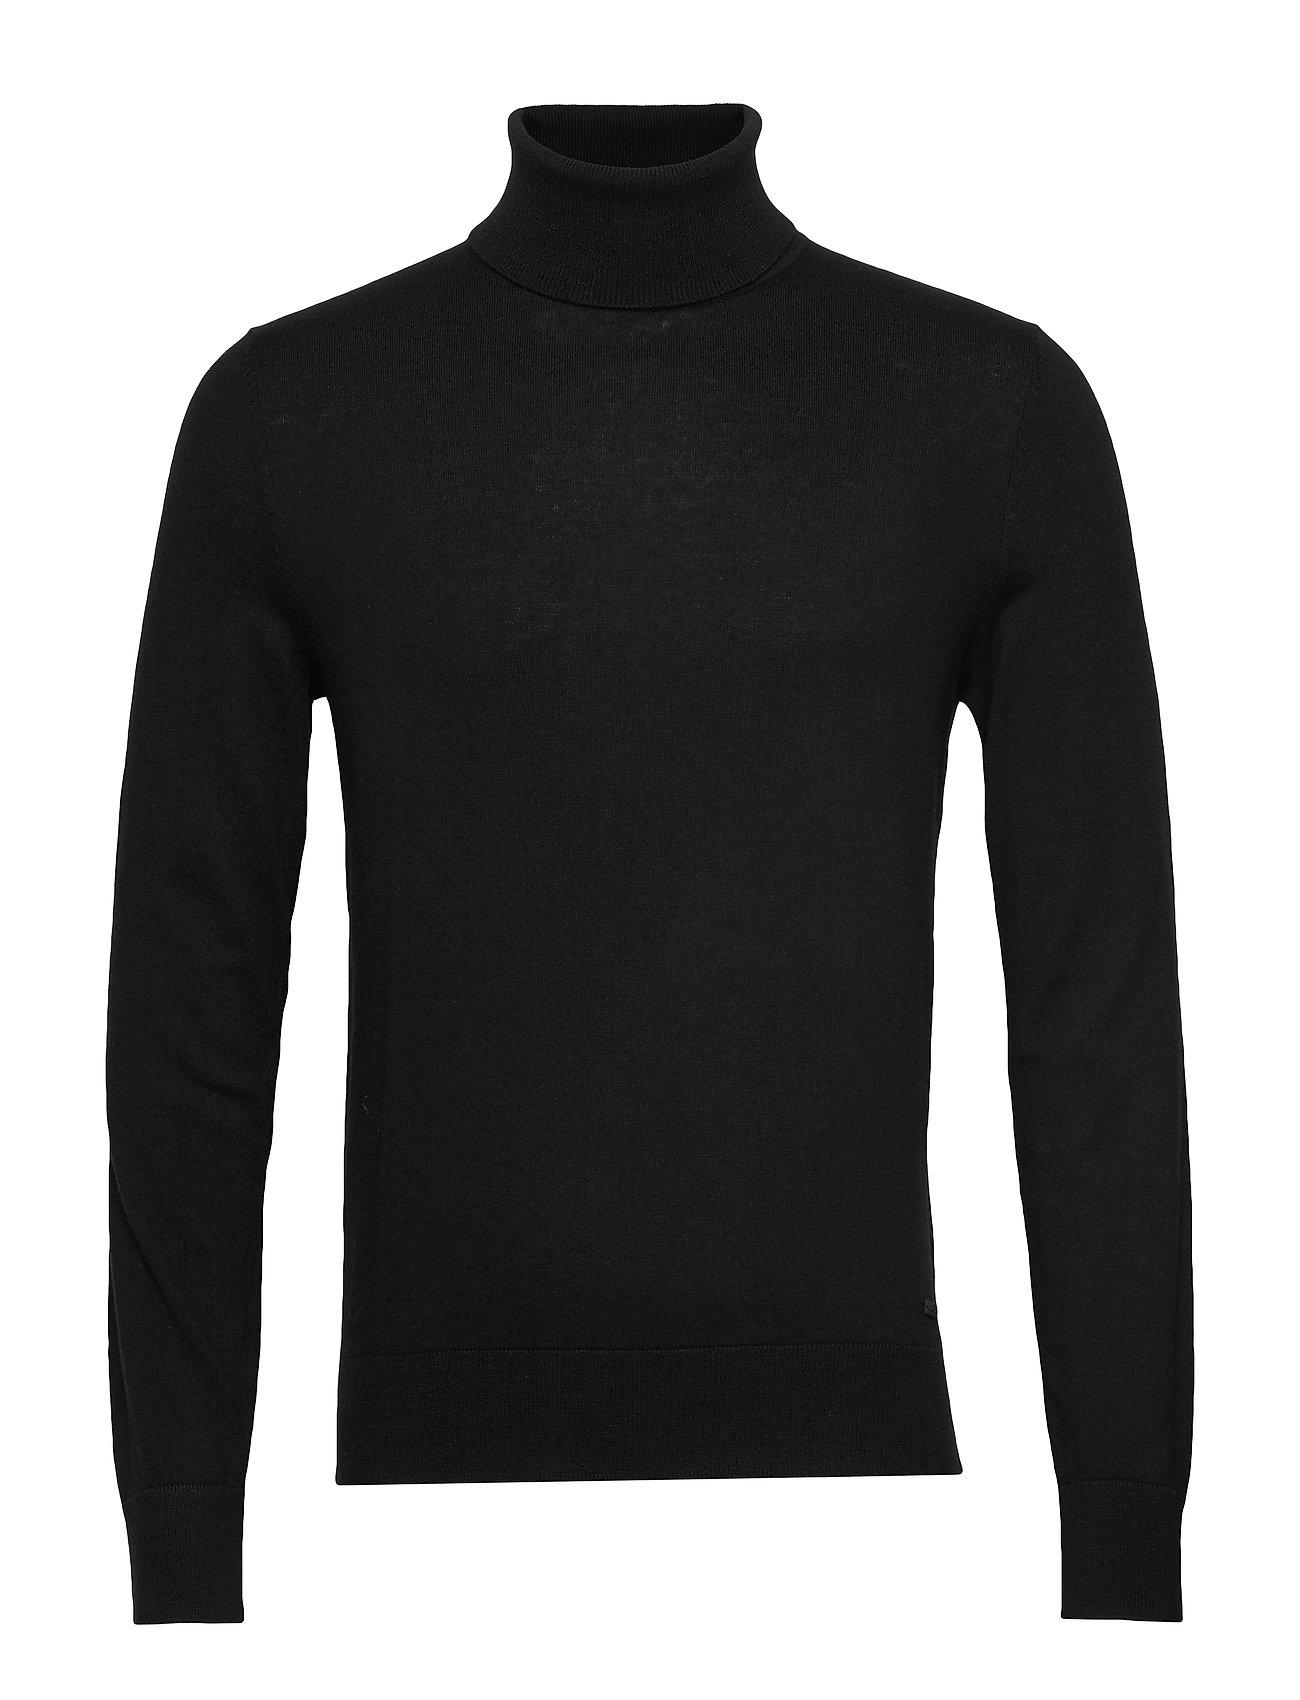 Boss Casual Wear Aliberty - BLACK